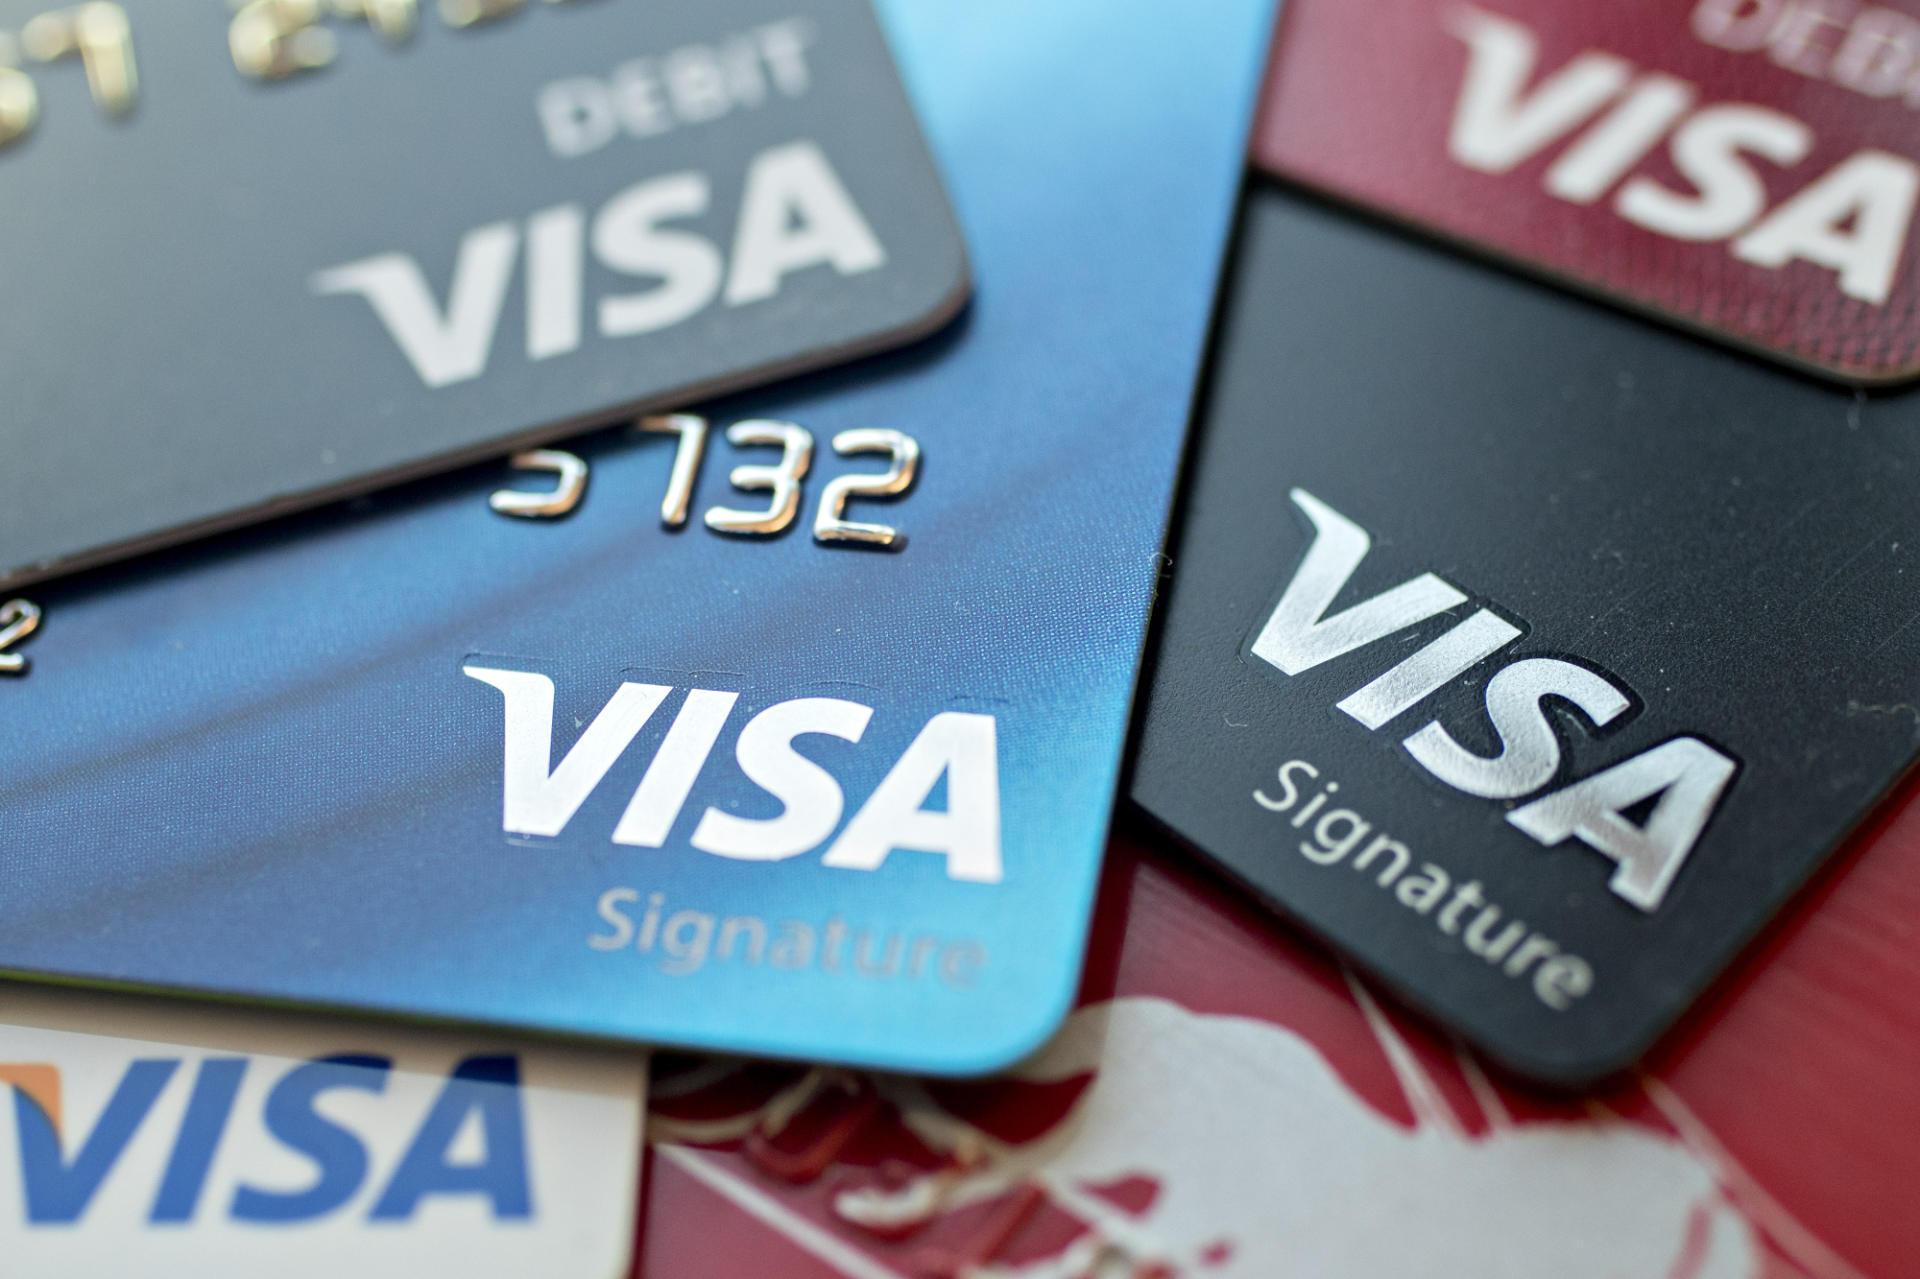 Национальная кампания «Платите мобильным приложением с Visa»: как увеличился процент оплаты телефонами и количество транзакций